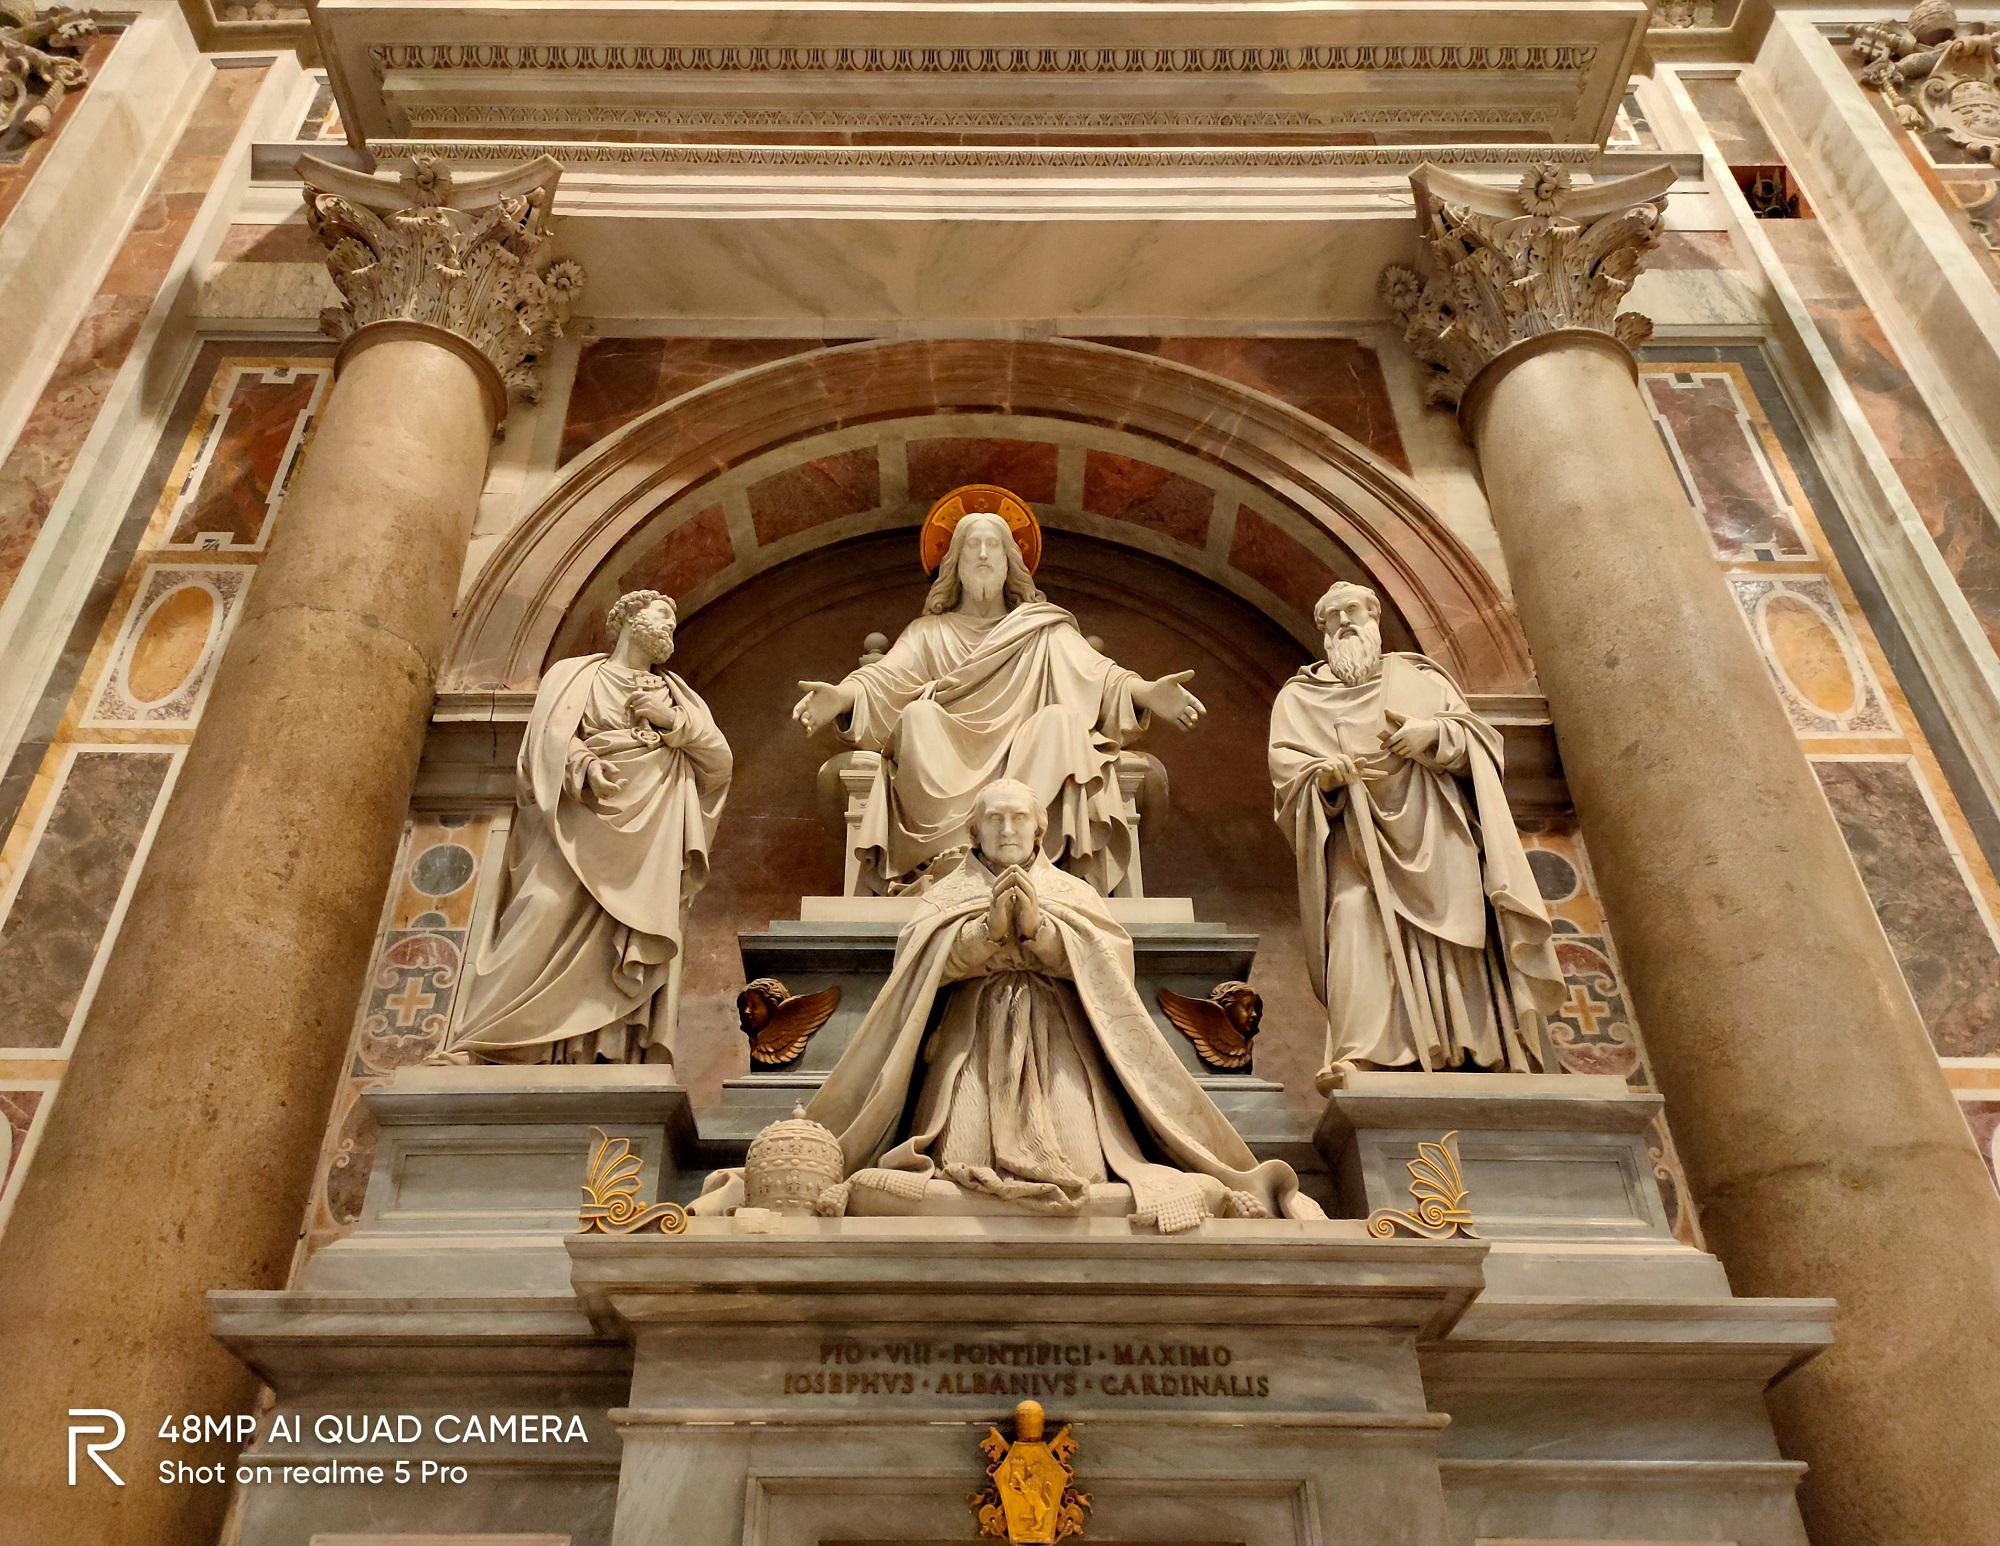 Kiến trúc bên trong của nhà thờ.